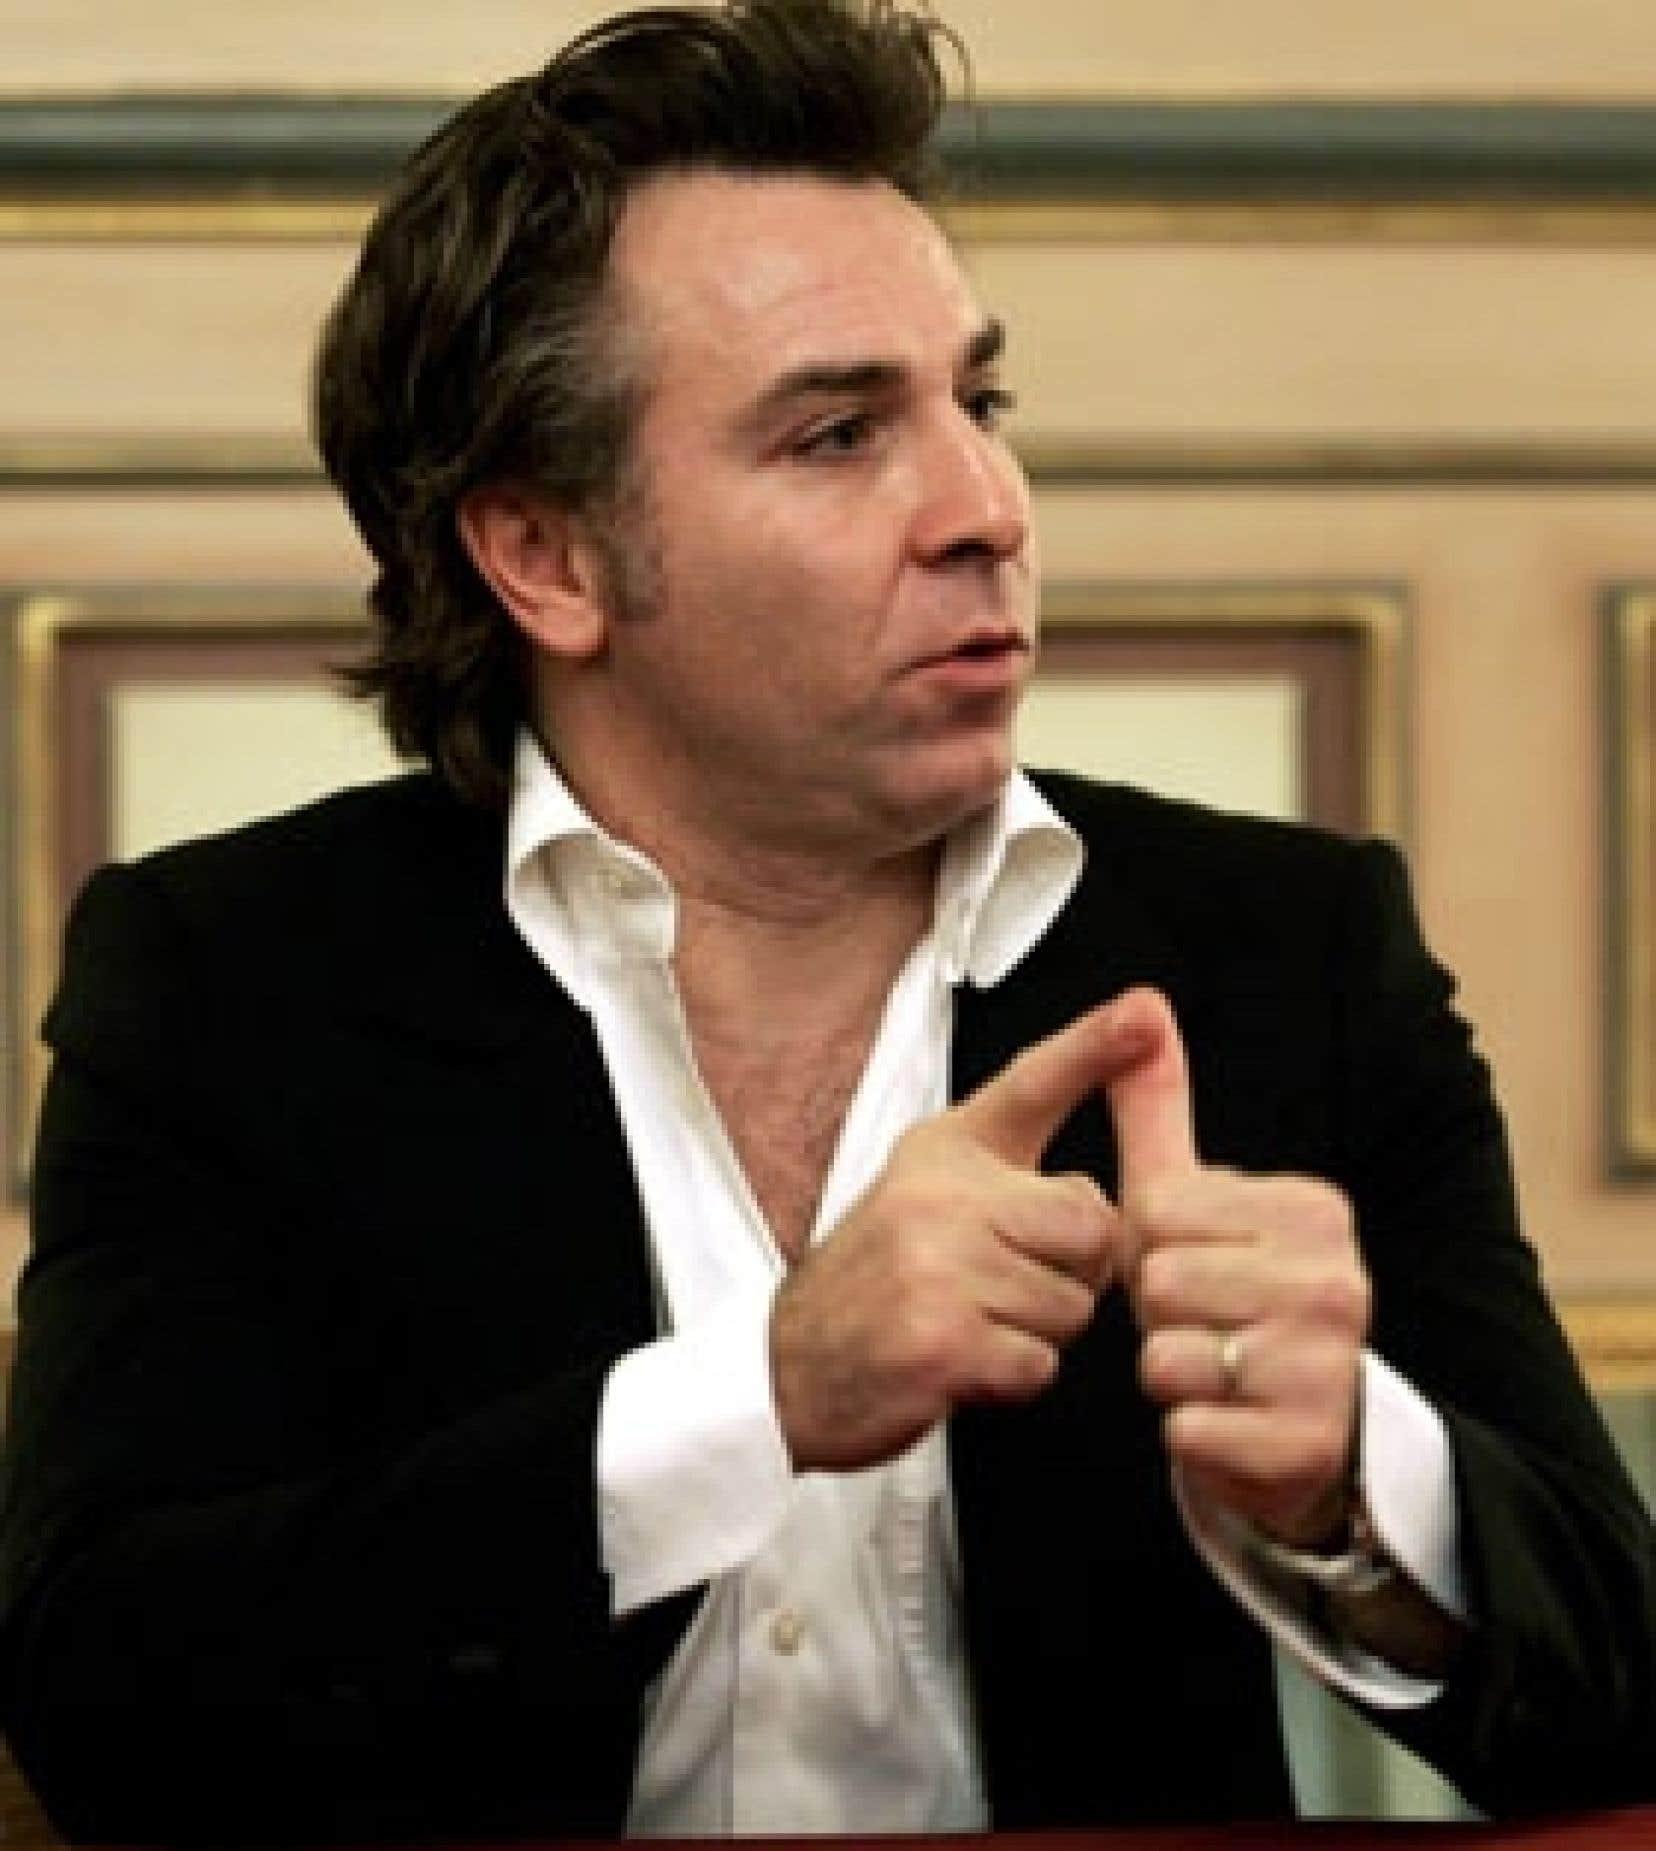 Le ténor Roberto Alagna voulait reprendre son rôle dans Aïda après son esclandre dimanche.